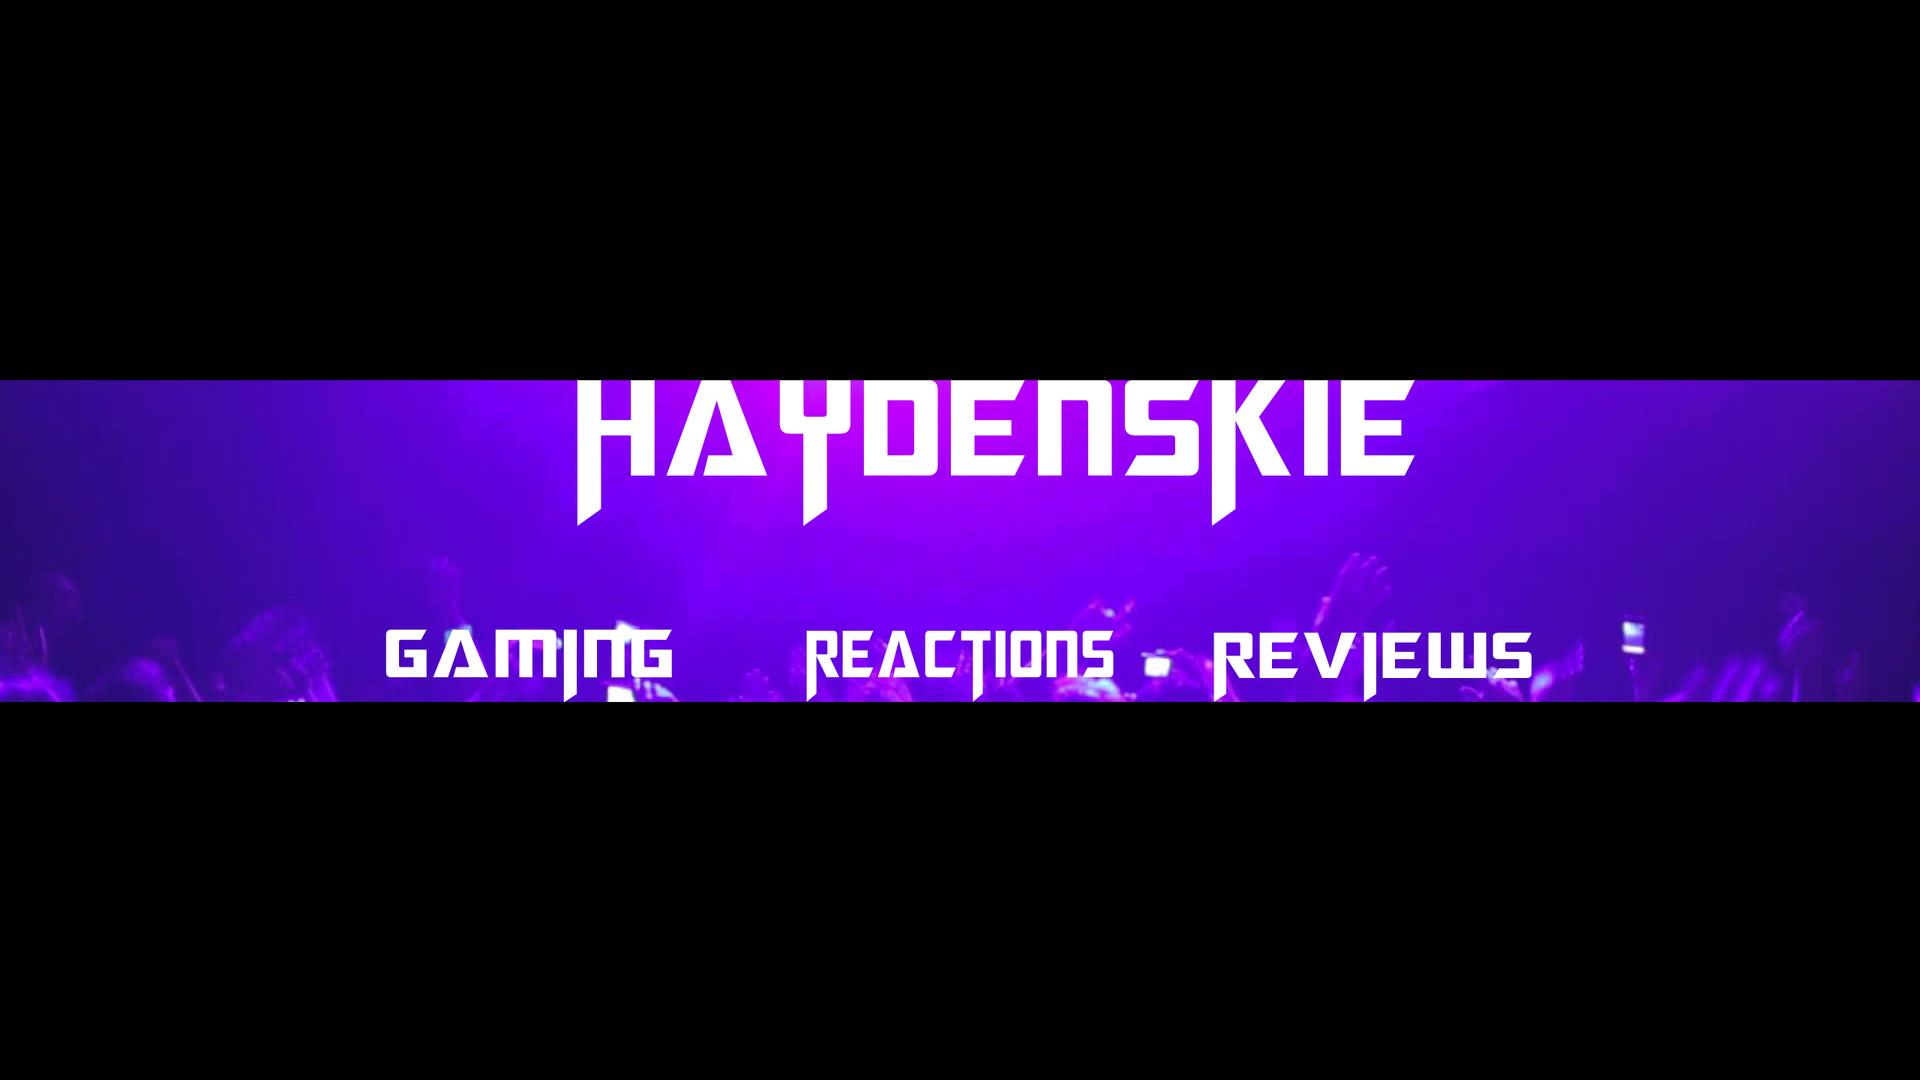 Haydenskie Store